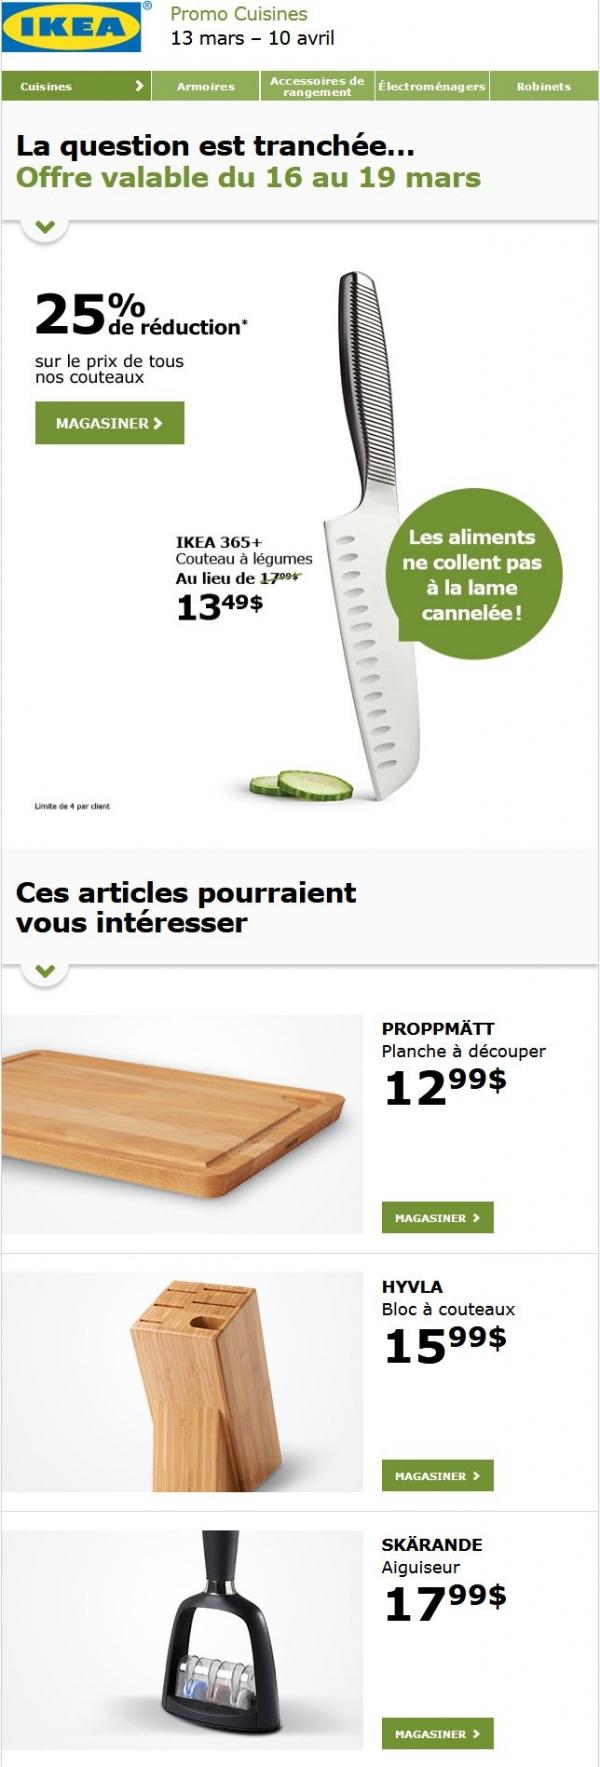 Prix Coupés ! Prix De Tous Les Couteaux De Cuisine Réduit De 25 %. Promotions Rabais